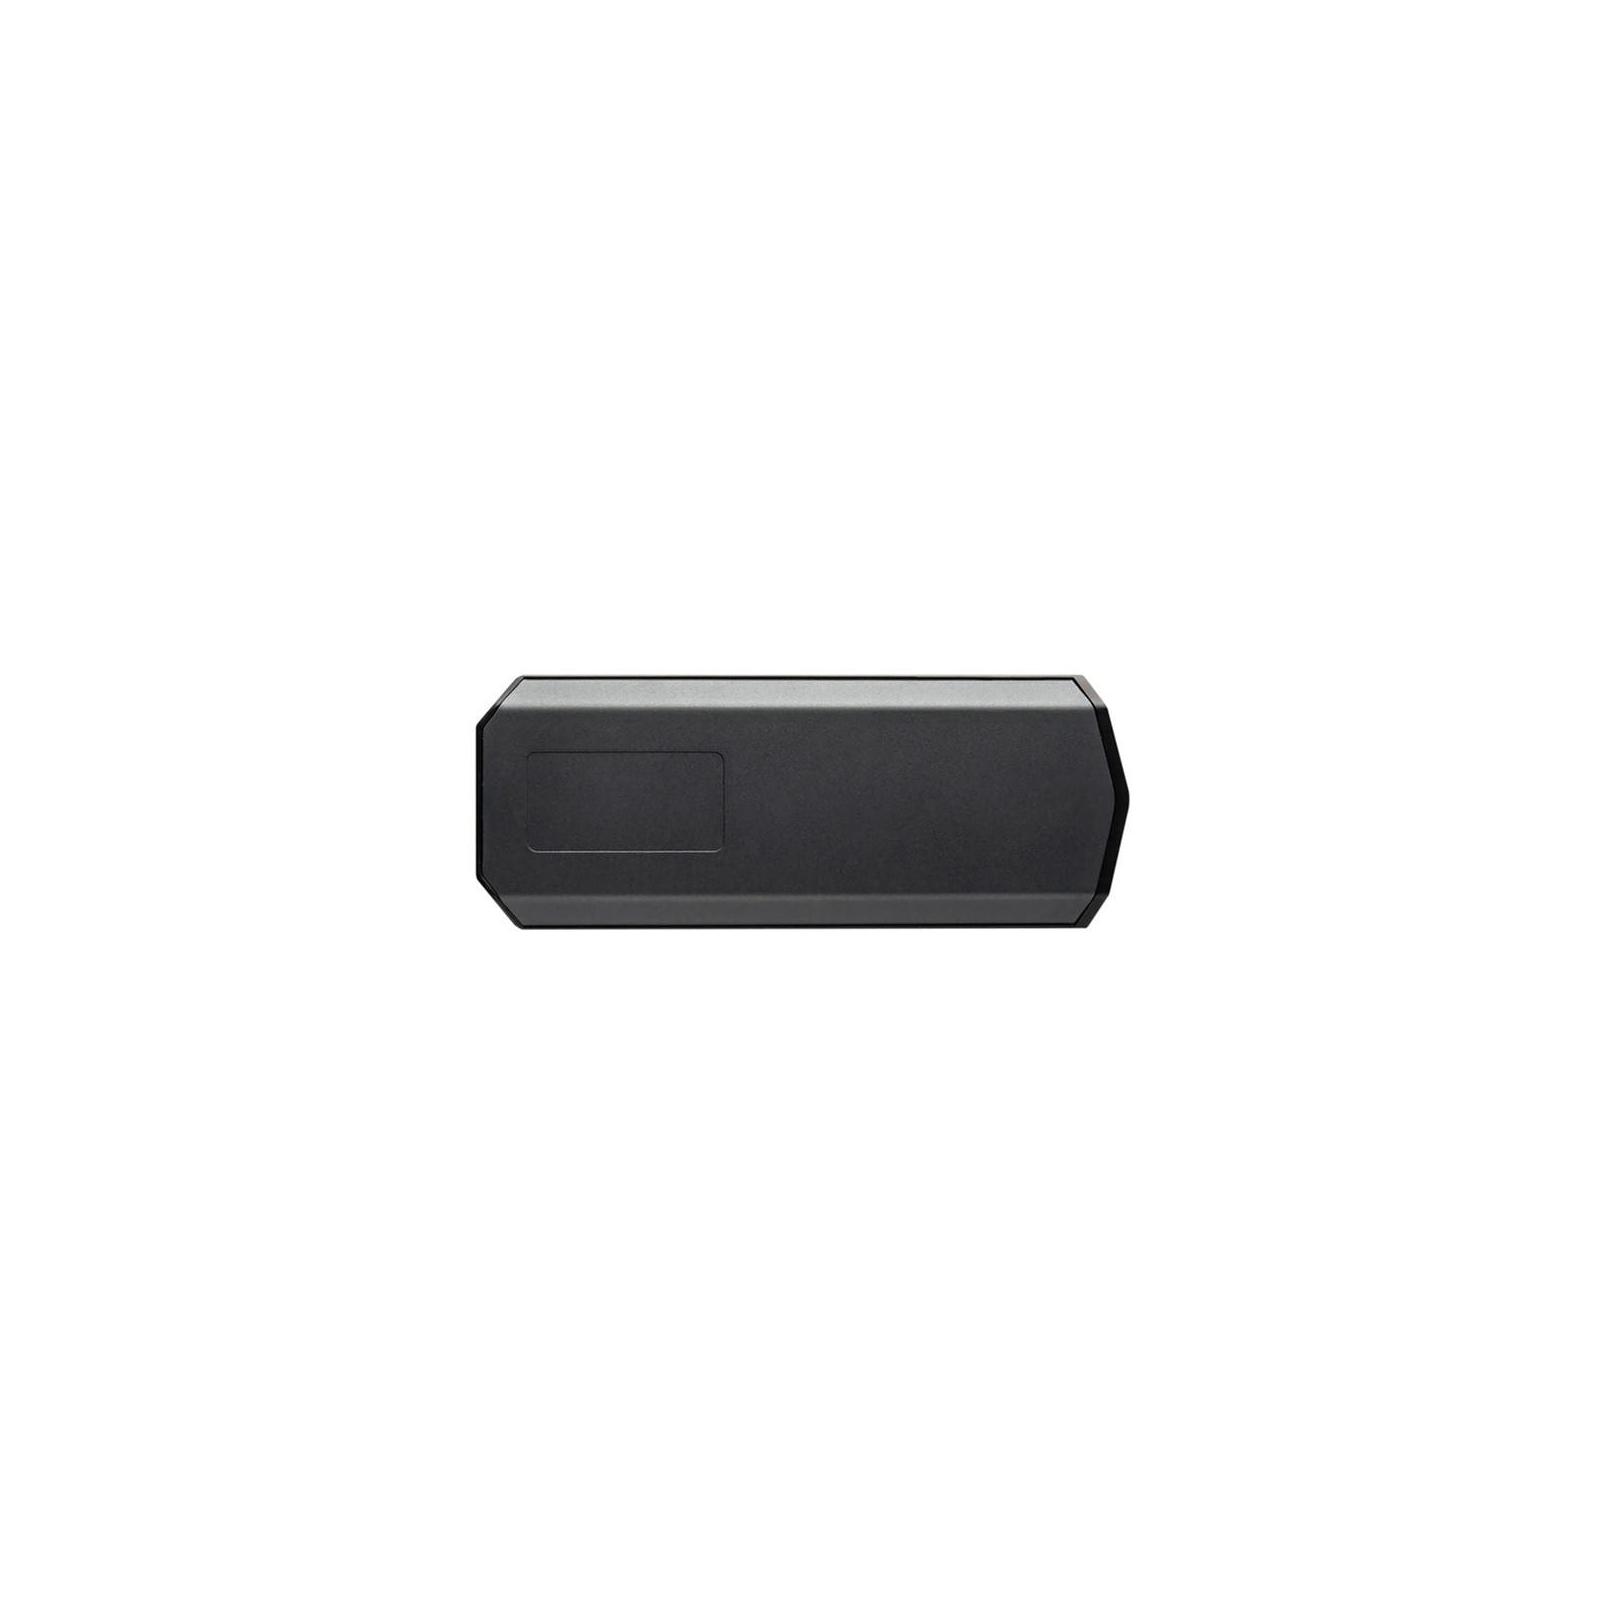 Накопичувач SSD USB 3.1 480GB HyperX (SHSX100/480G) зображення 3